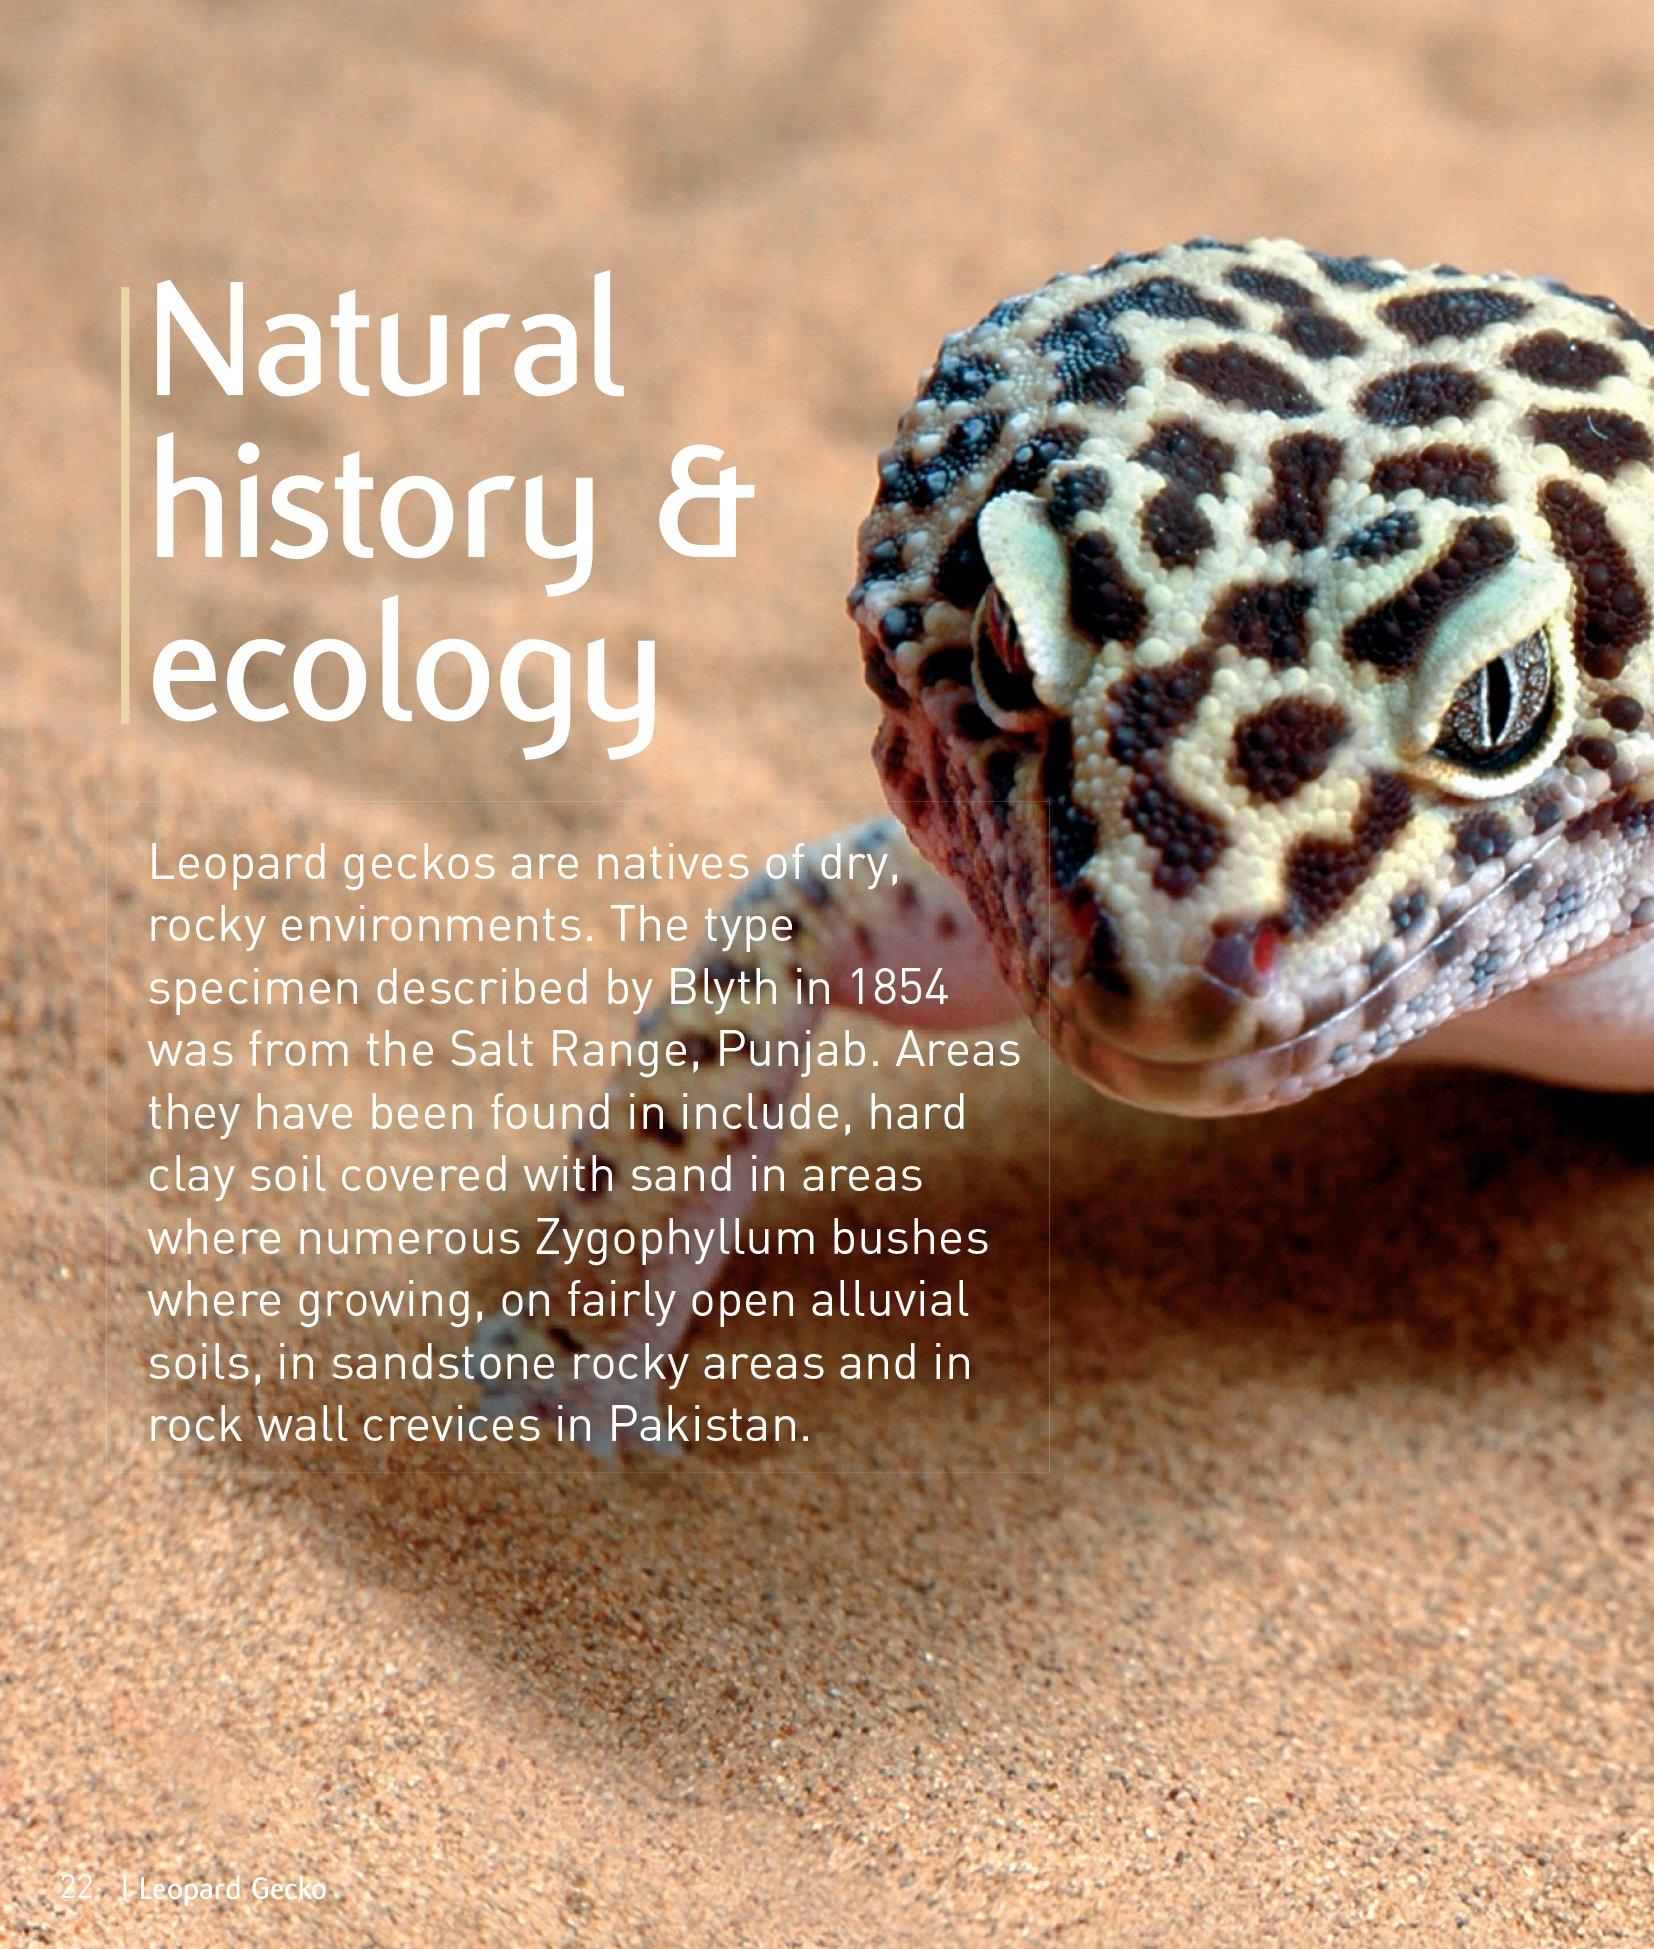 Leopard gecko pet expert understanding and caring for your pet leopard gecko pet expert understanding and caring for your pet amazon lance jepson 9781907337178 books nvjuhfo Images